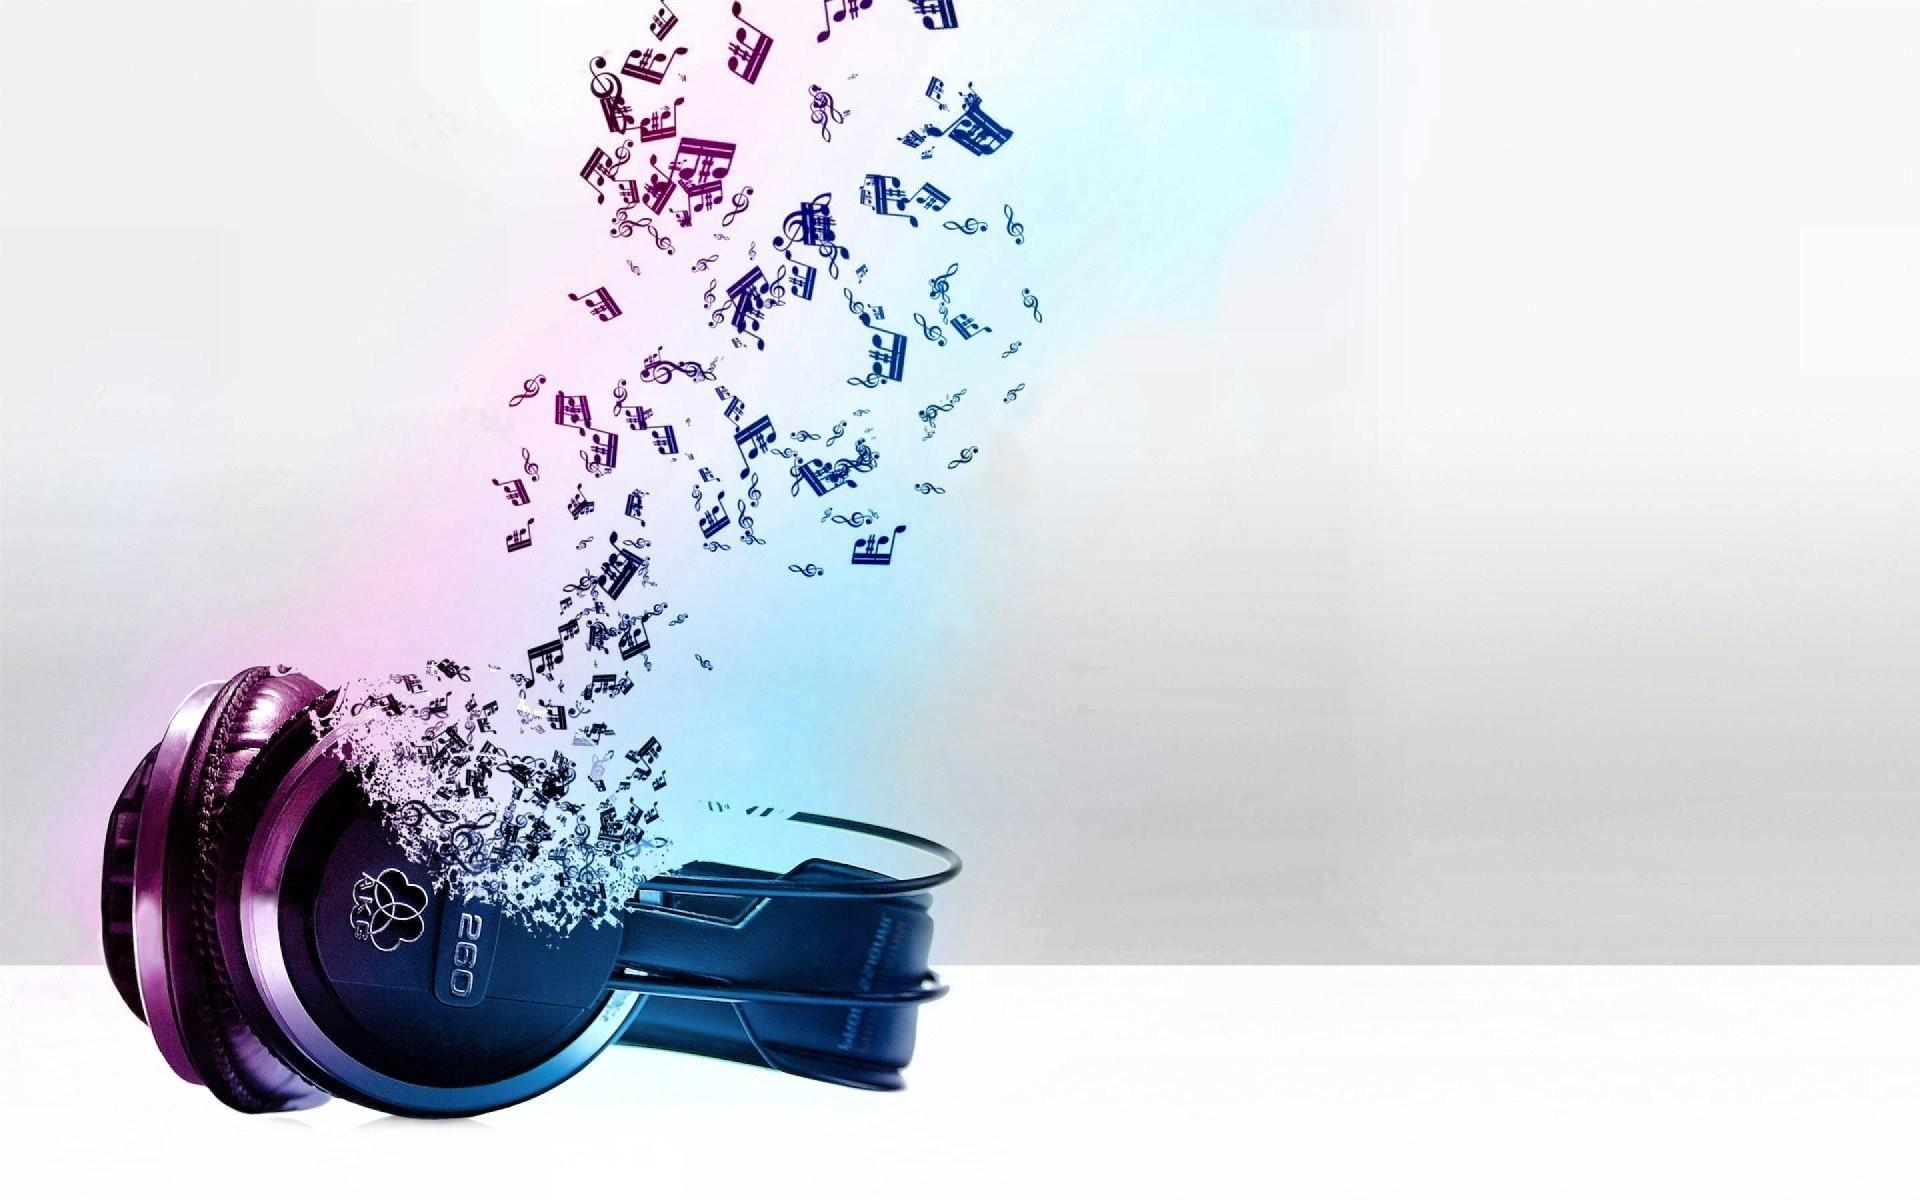 デスクトップ壁紙 抽象 紫の バイオレット ヘッドフォン